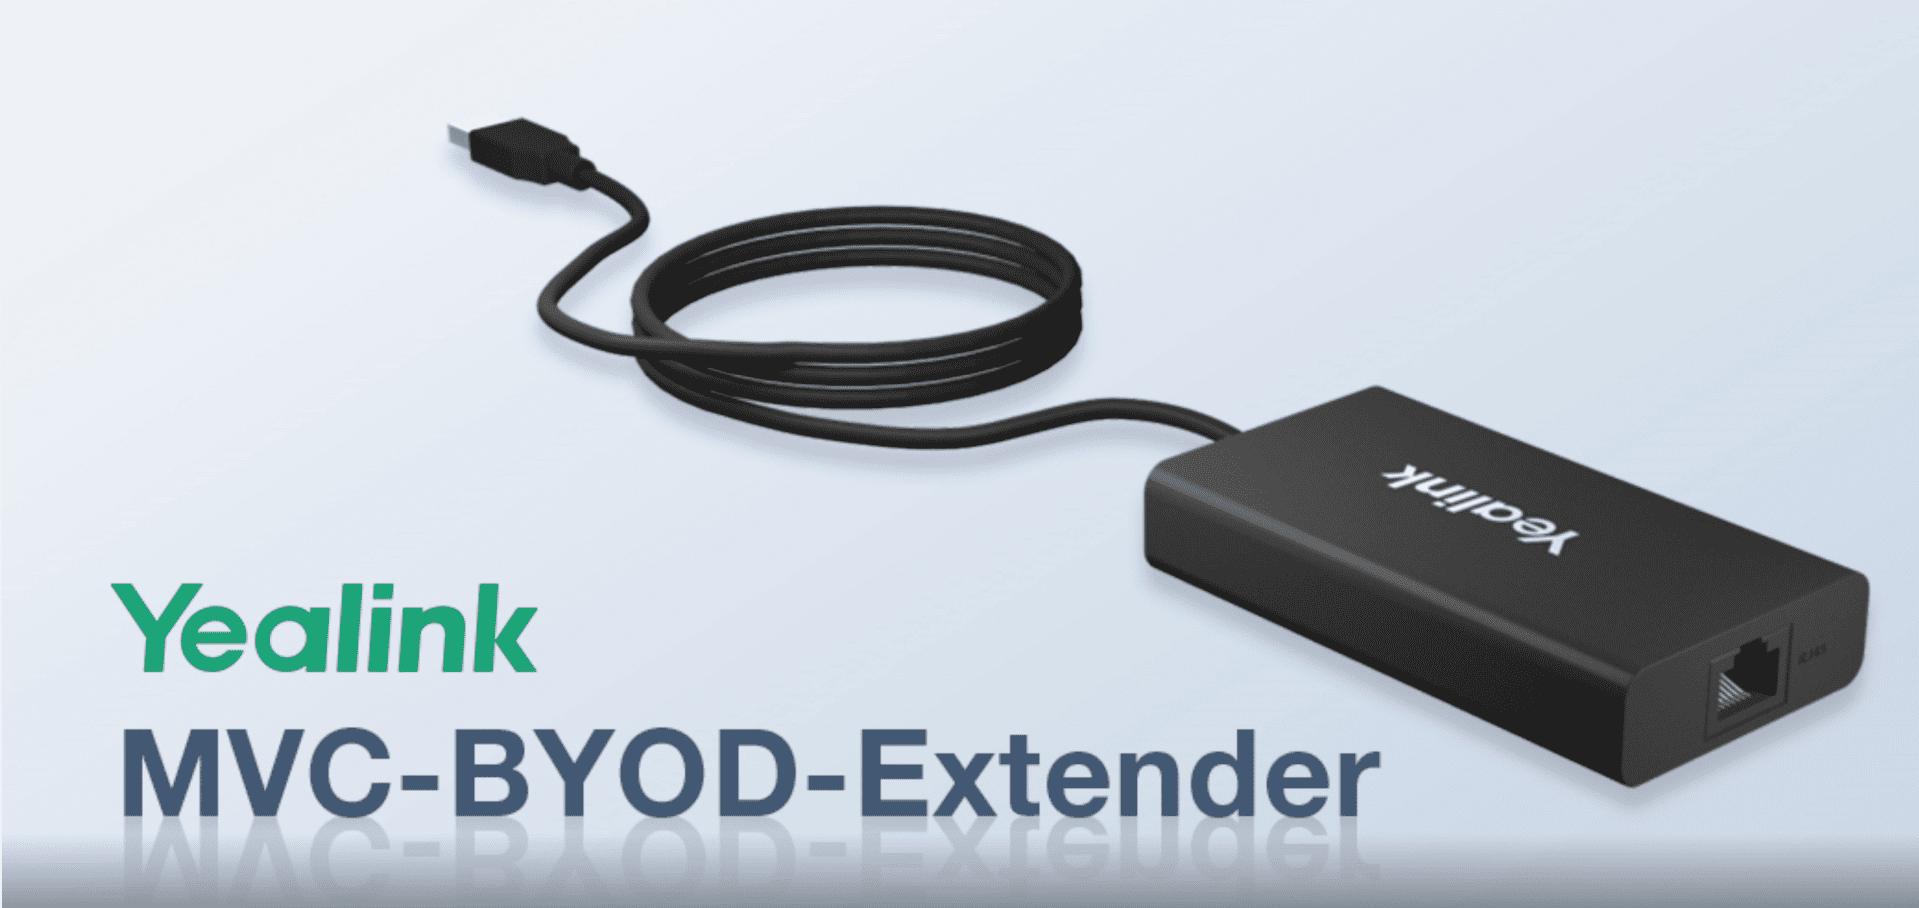 Yealink BYOD-EXTENDER